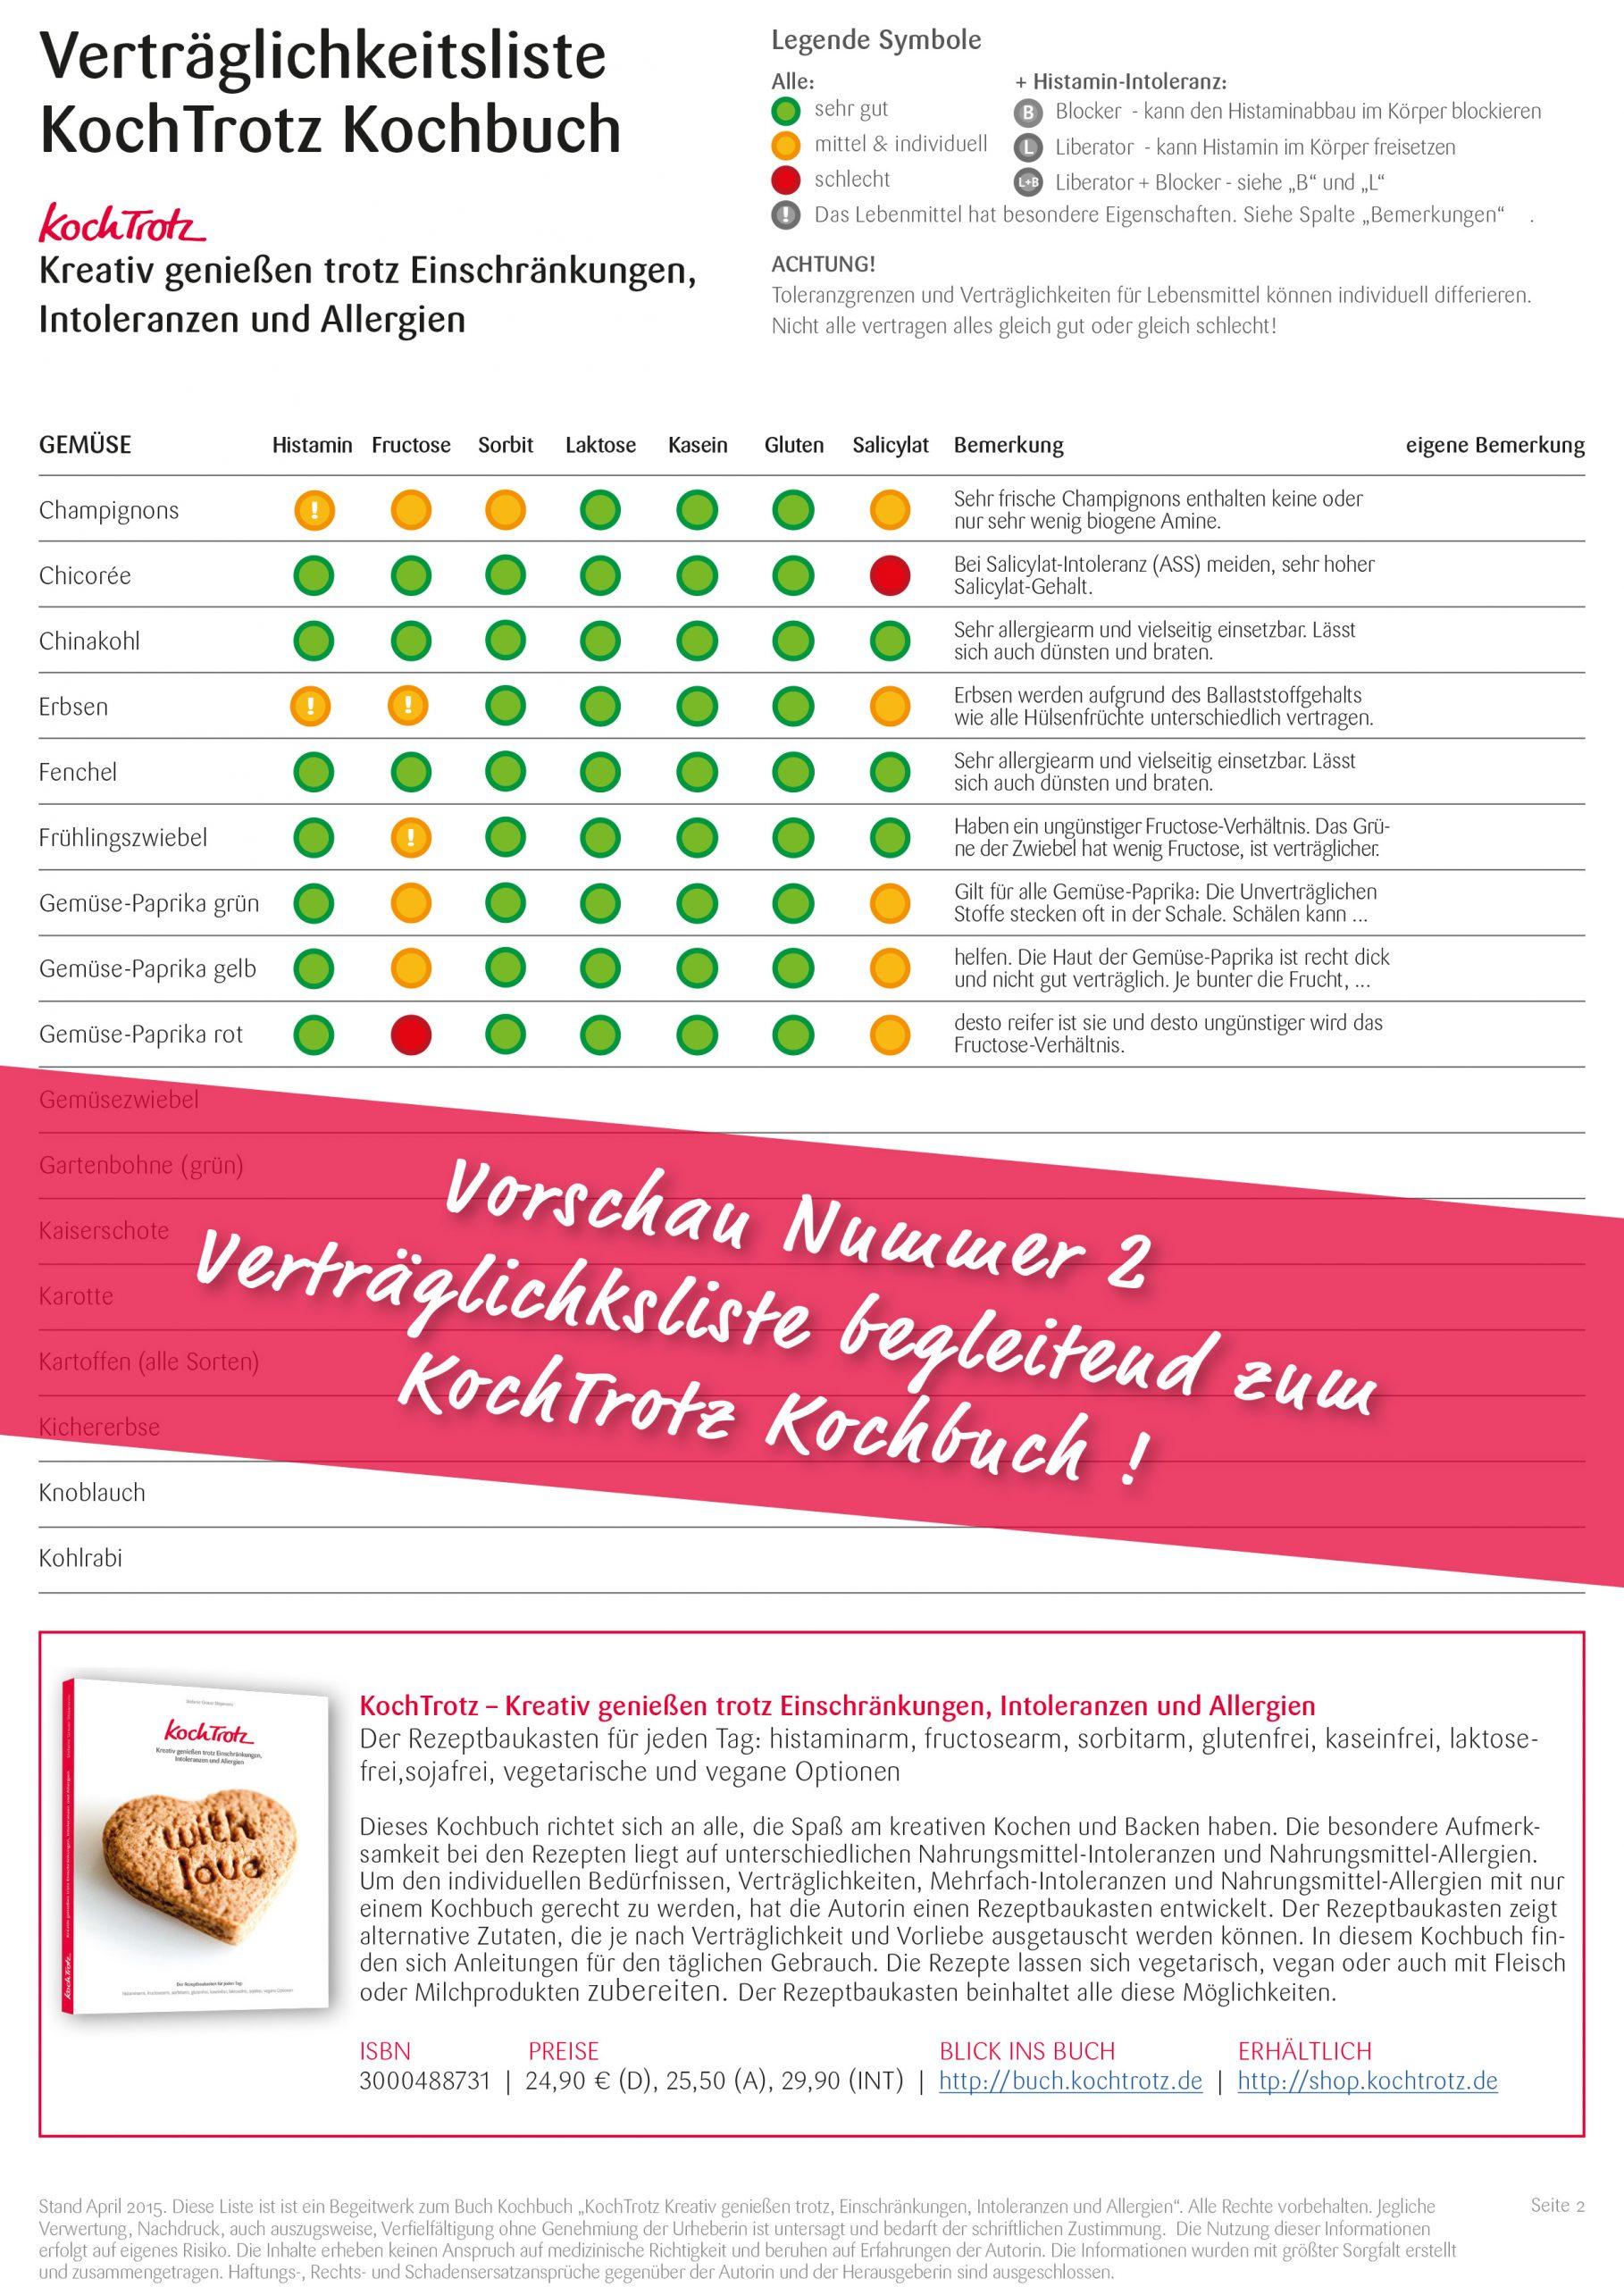 kochtrotz-kreativ-geniessen-kochbuch-vorschau-vertraeglichkeitsliste-vorschau2-s2